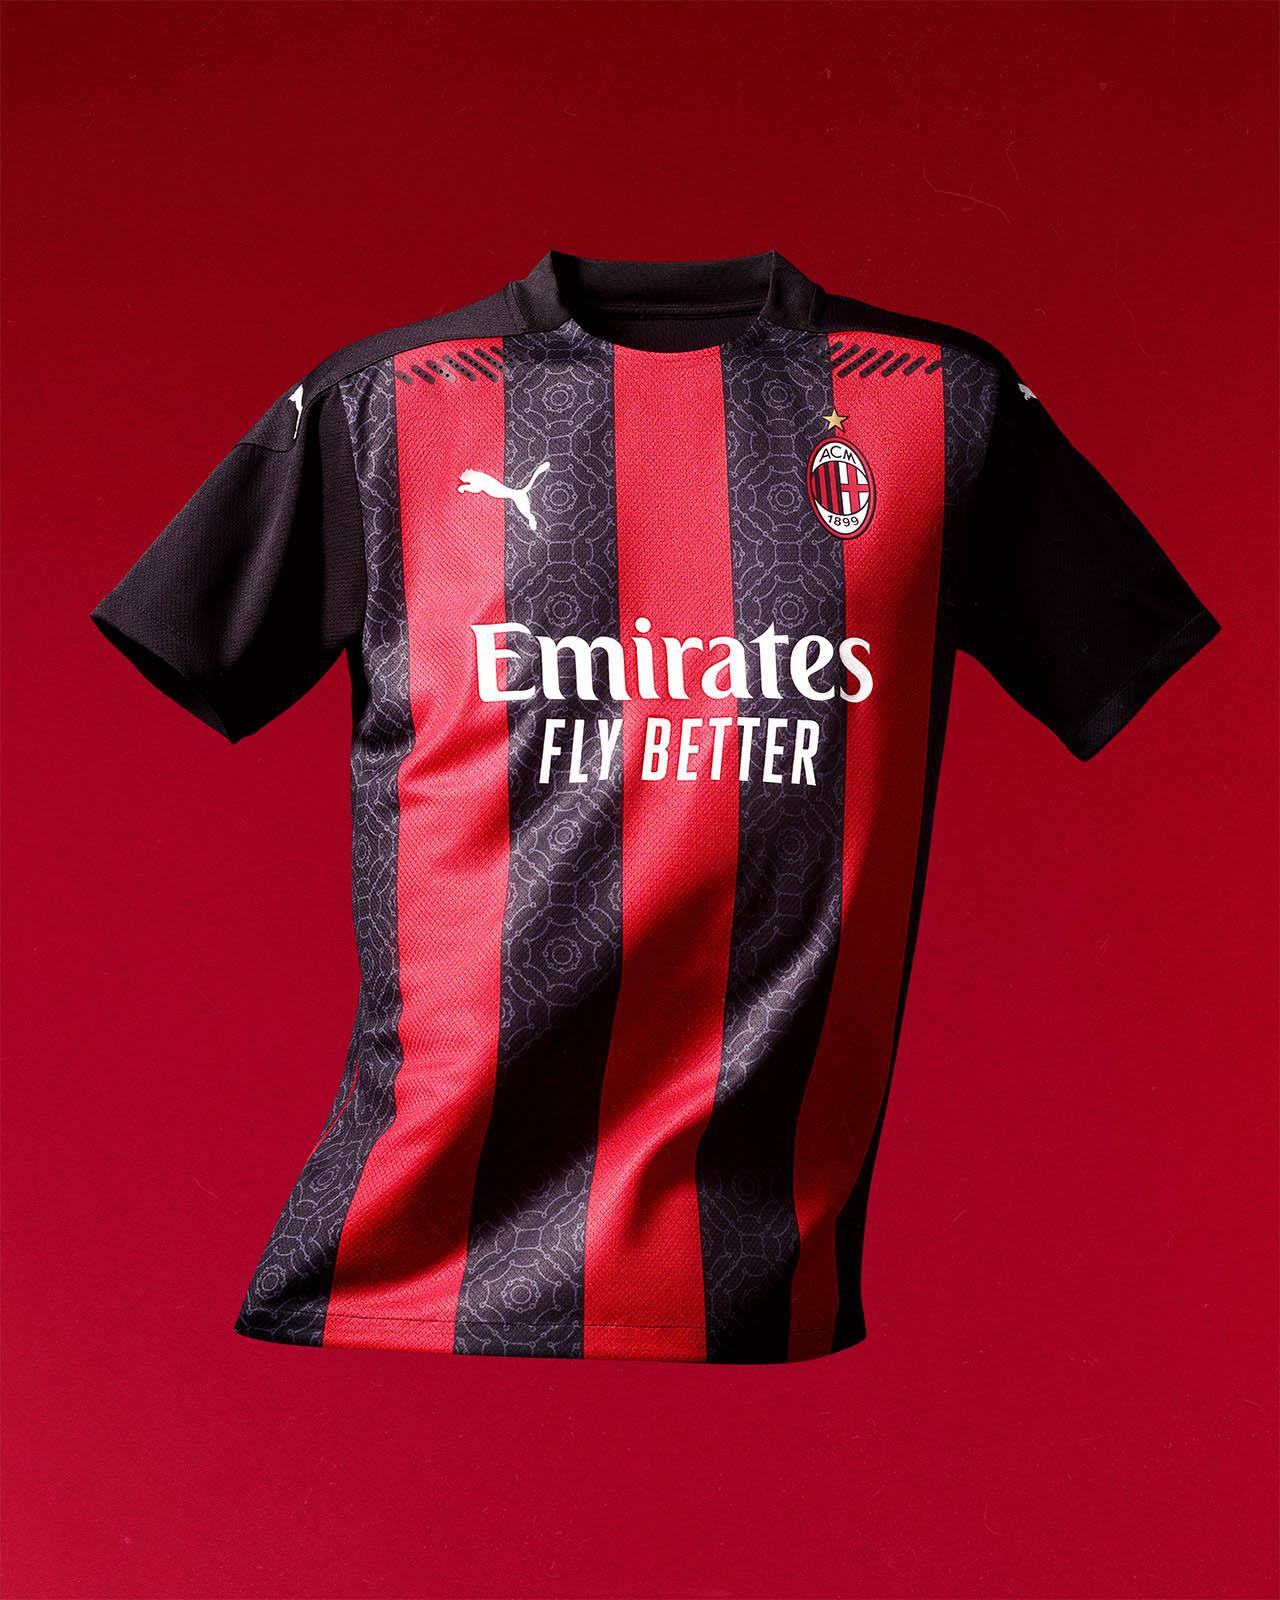 camisa do Milan 2020 inteira